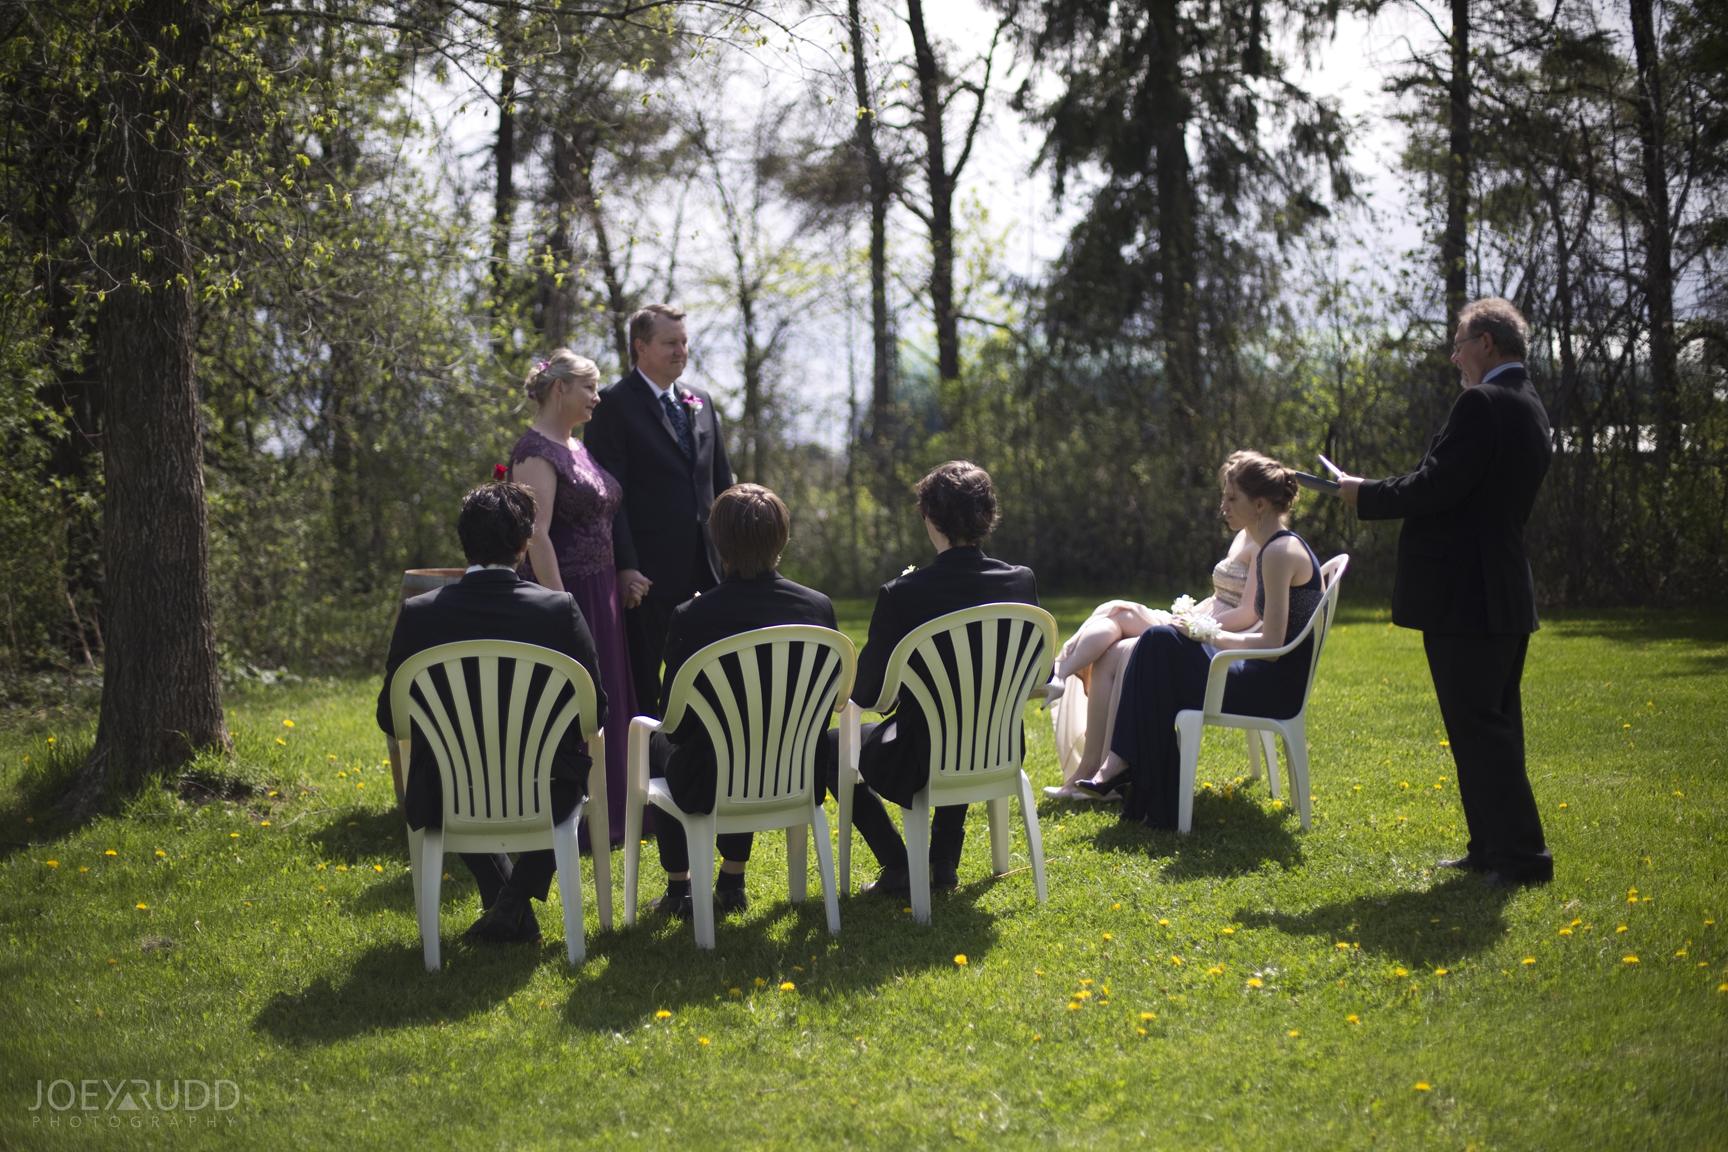 Elopement Session at Jabulani Vineyard by Joey Rudd Photography Ottawa Wedding Photographer